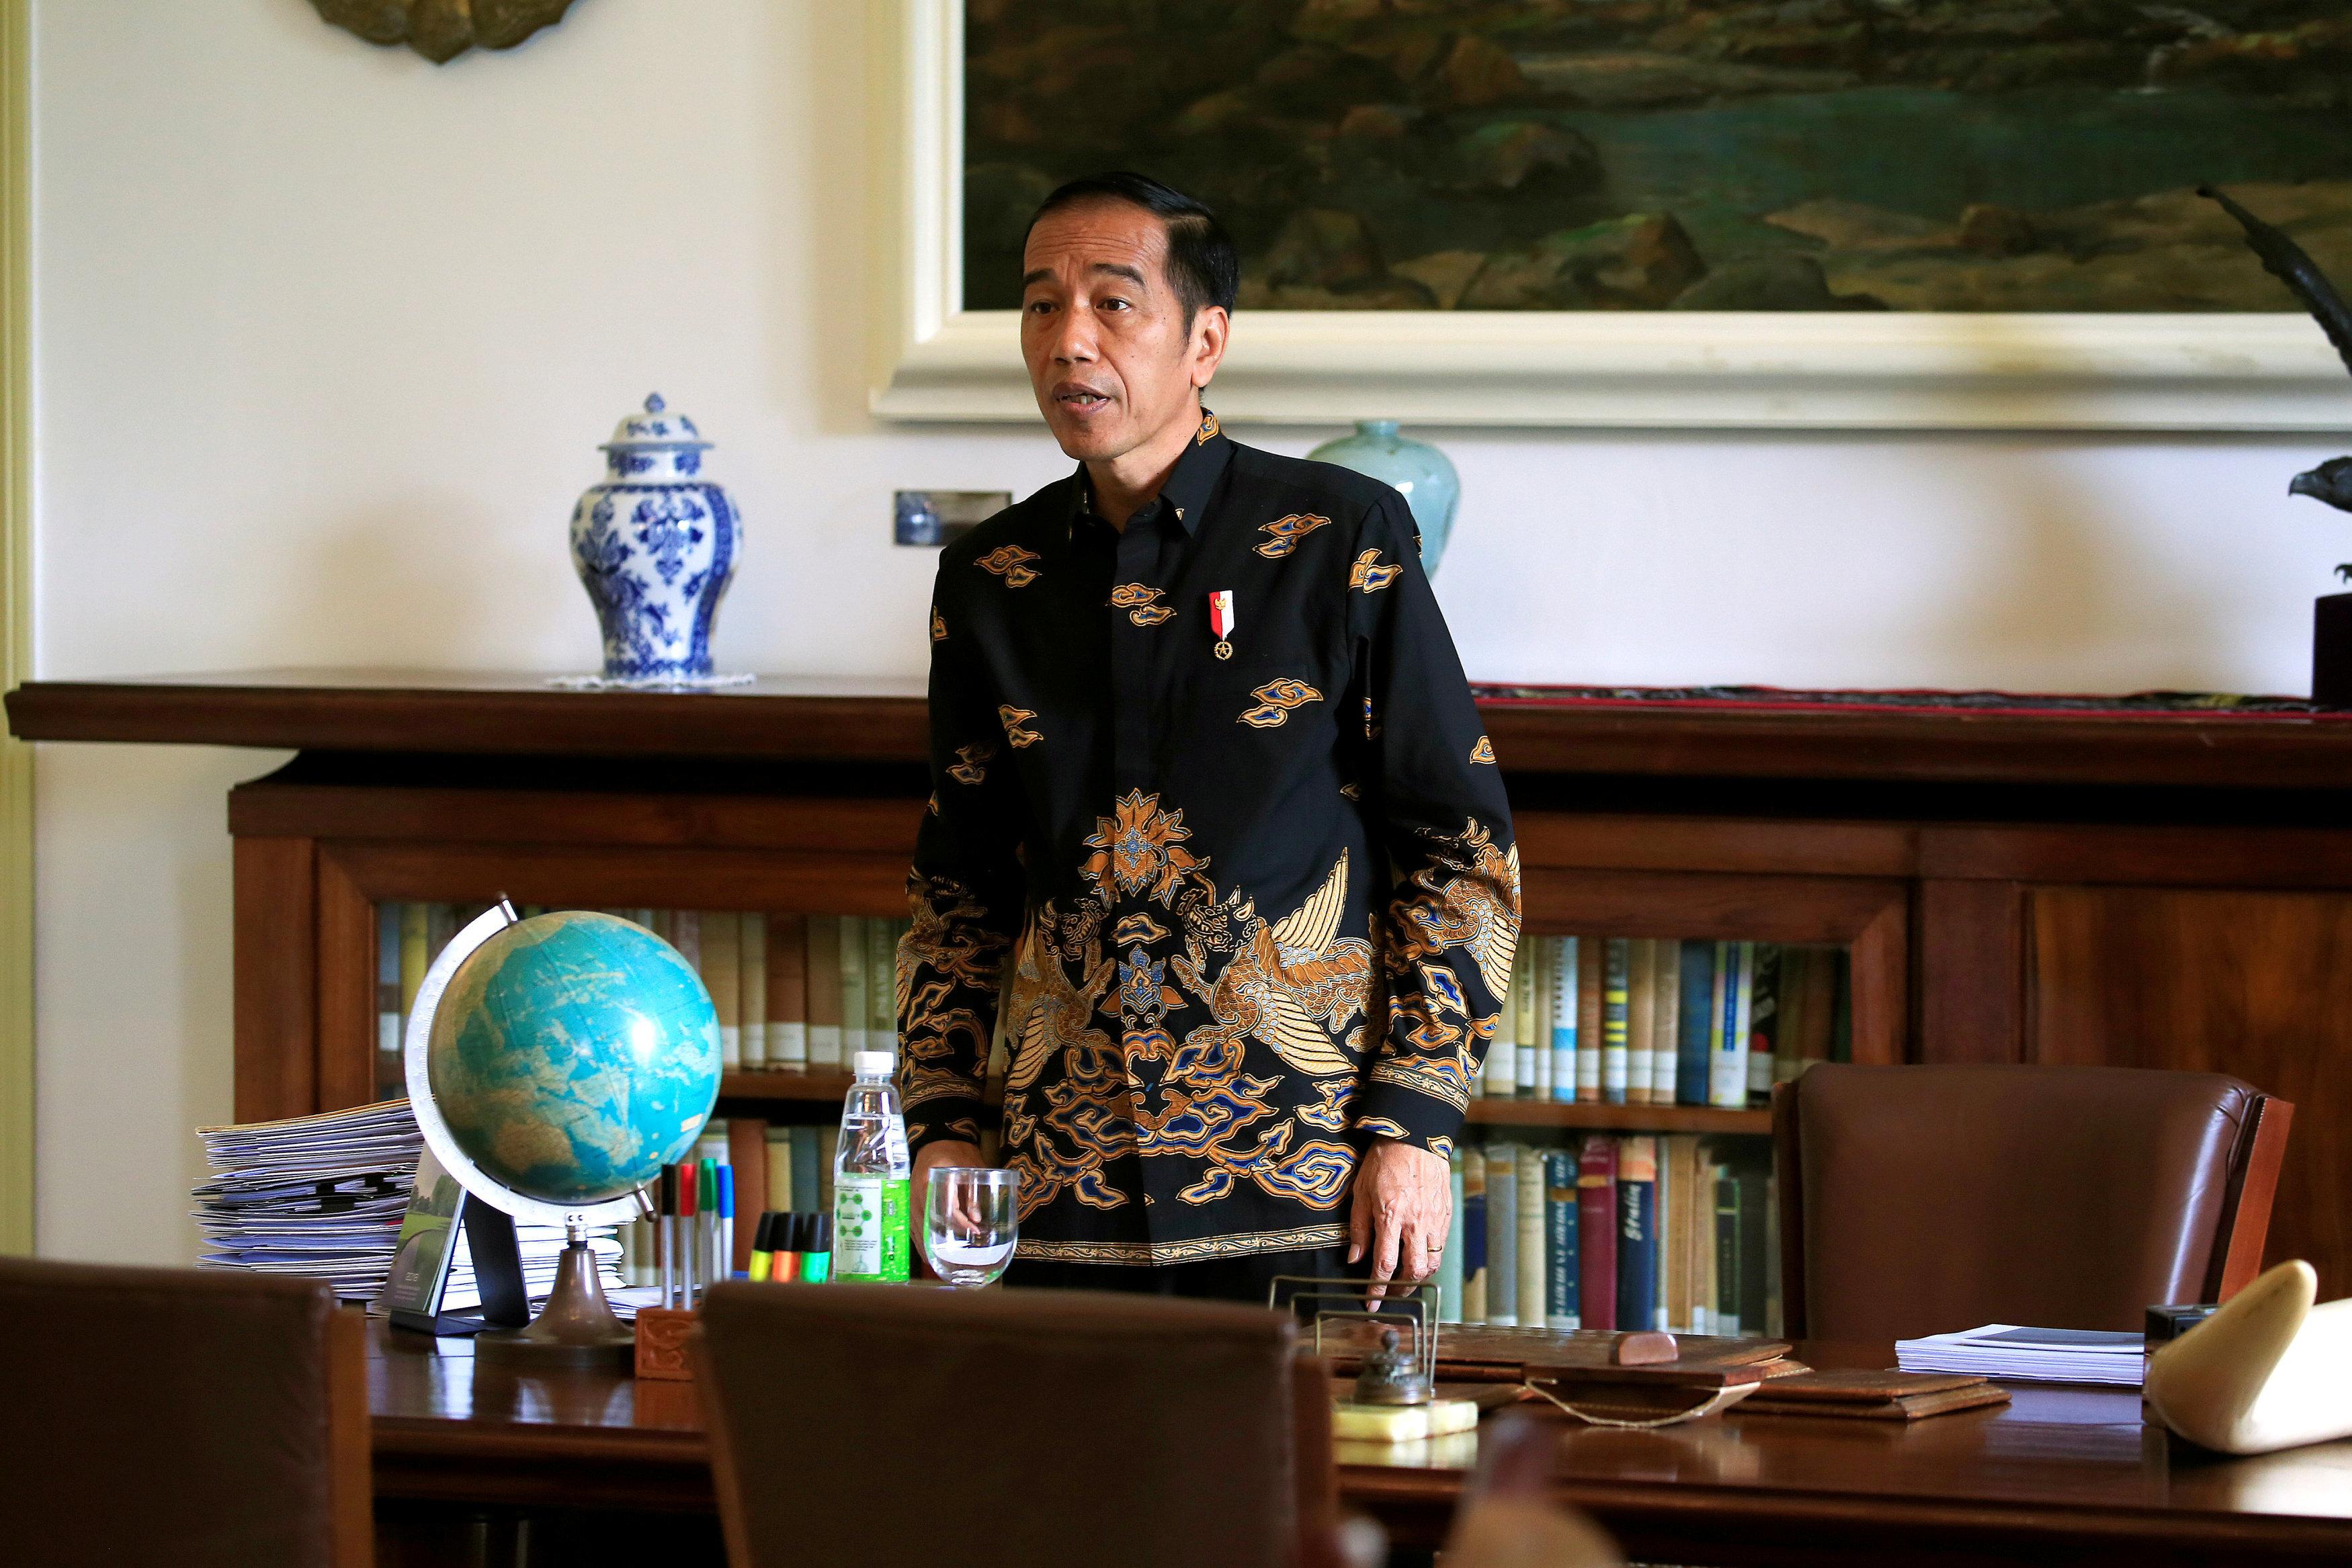 Ινδονησία: Ο Τζοκο Βιντότο κέρδισε τις προεδρικές εκλογές με